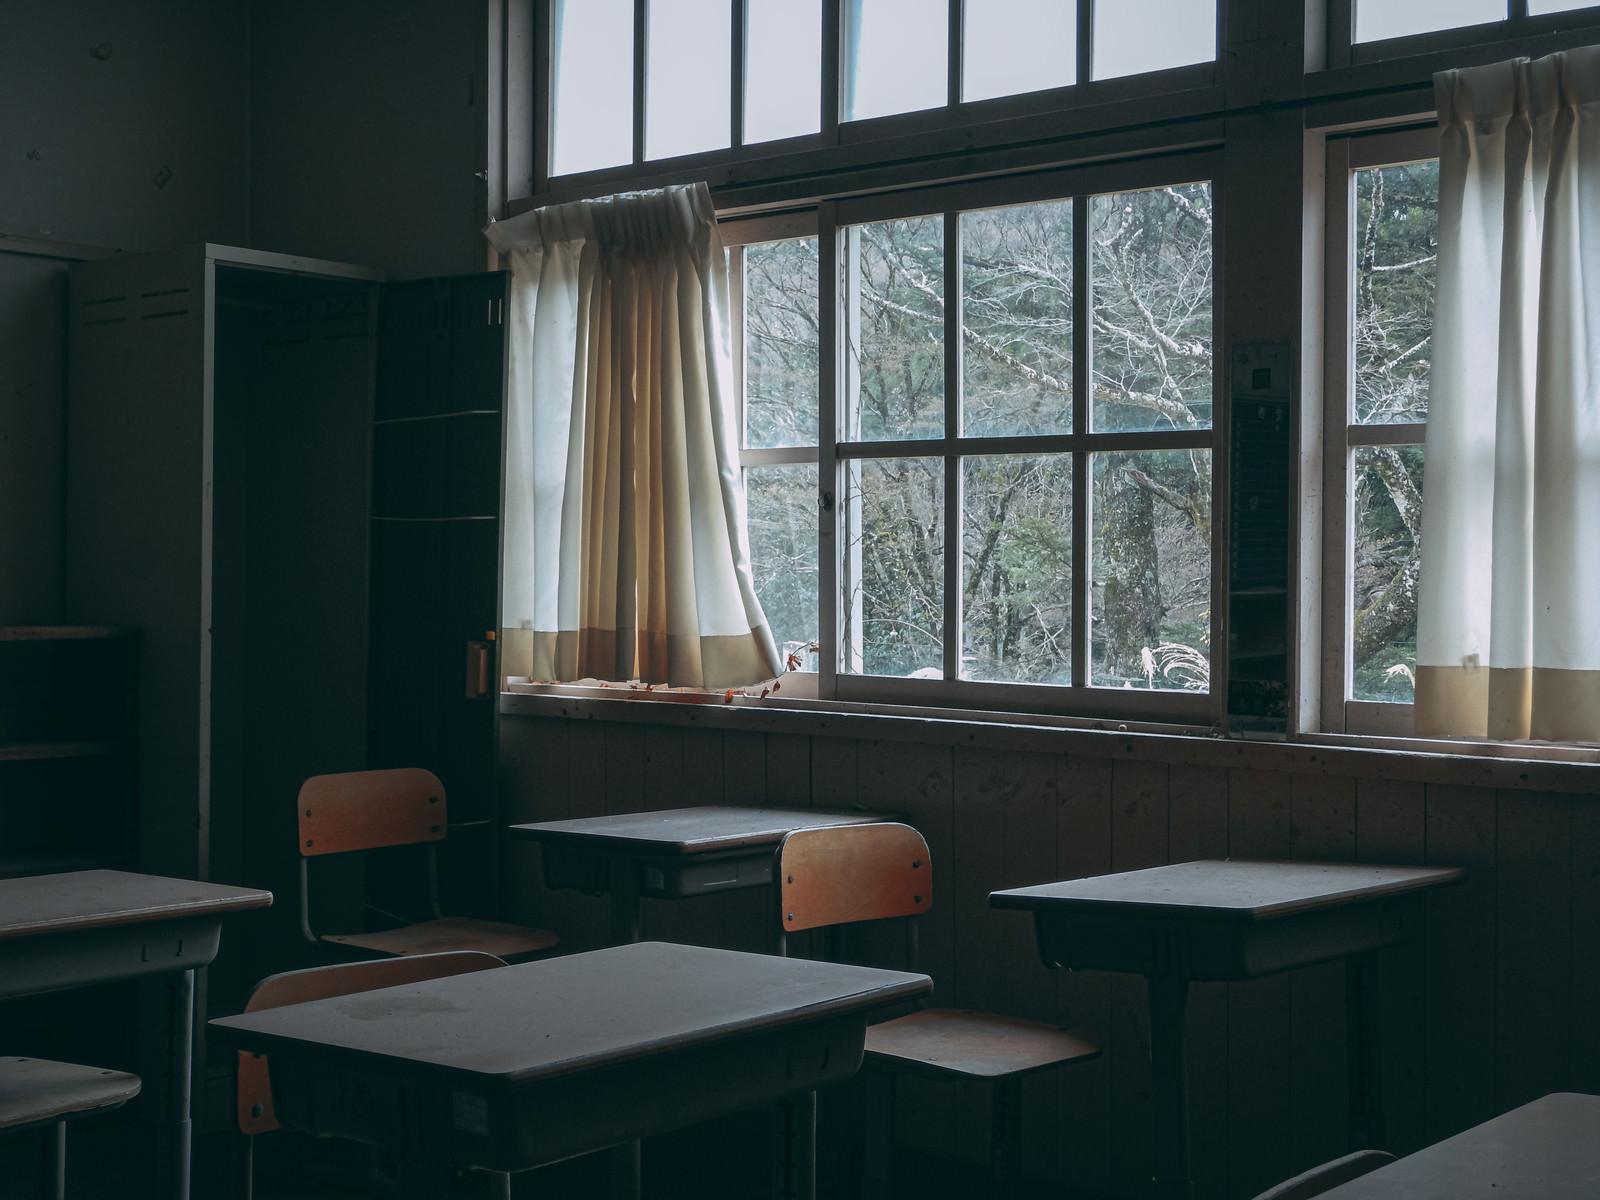 「誰もいない廃教室」の写真